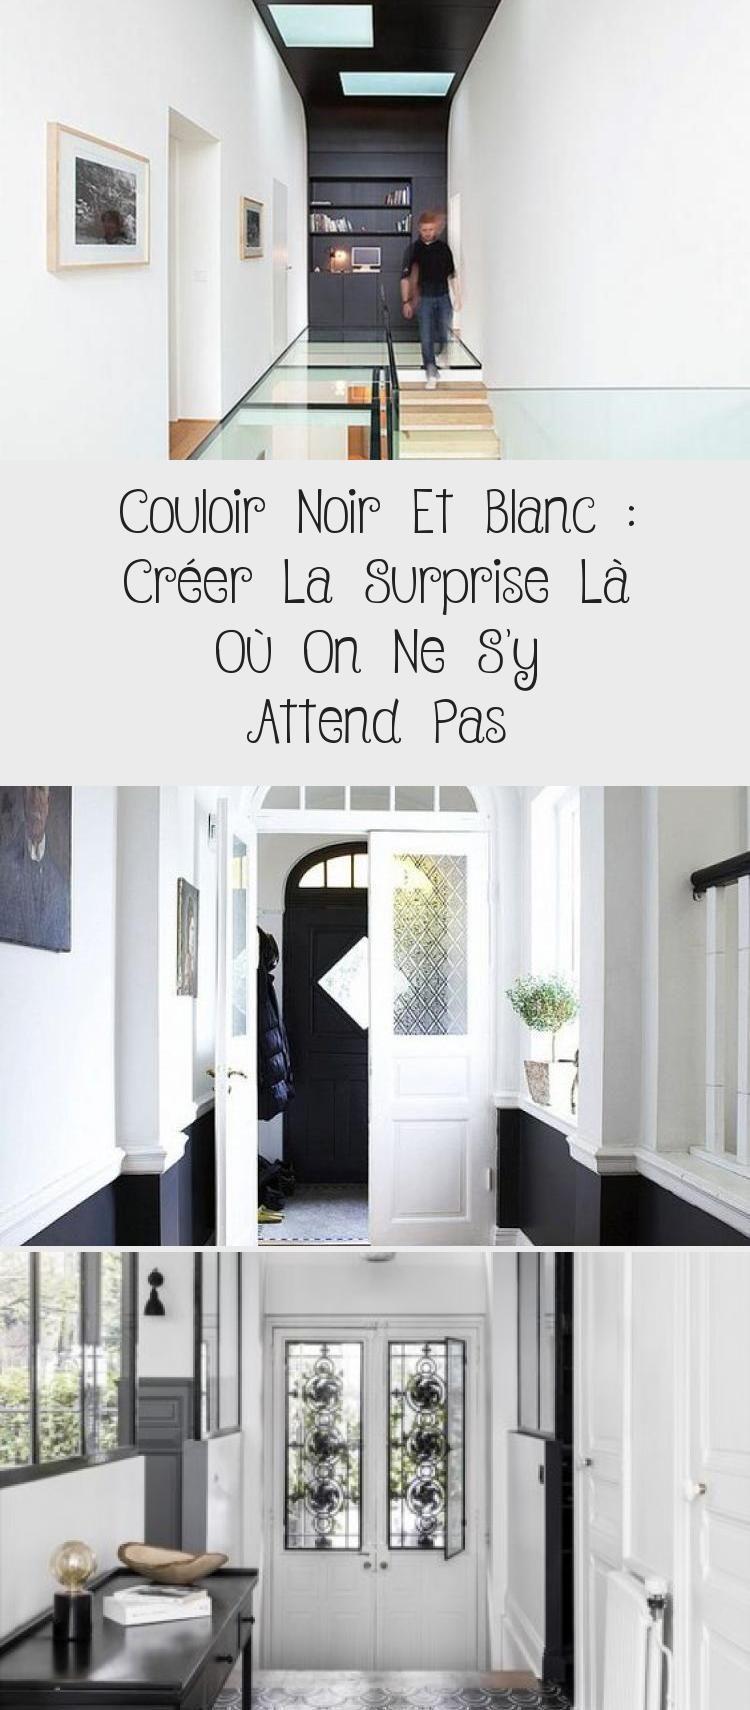 Entrée Noir Et Blanc couloir noir et blanc : créer la surprise là où on ne s'y